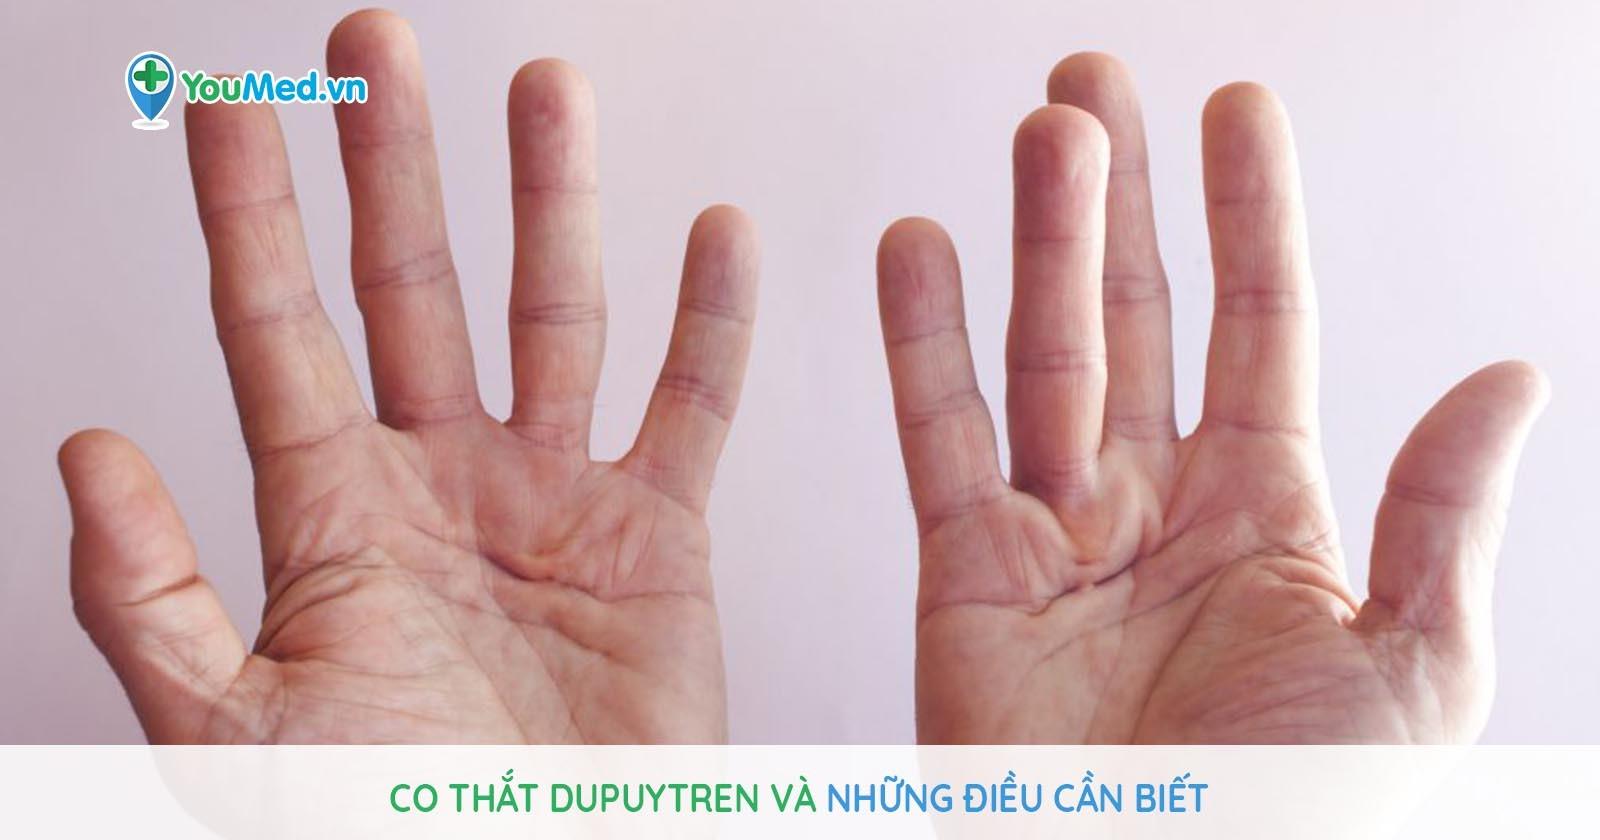 Co thắt Dupuytren và những điều cần biết